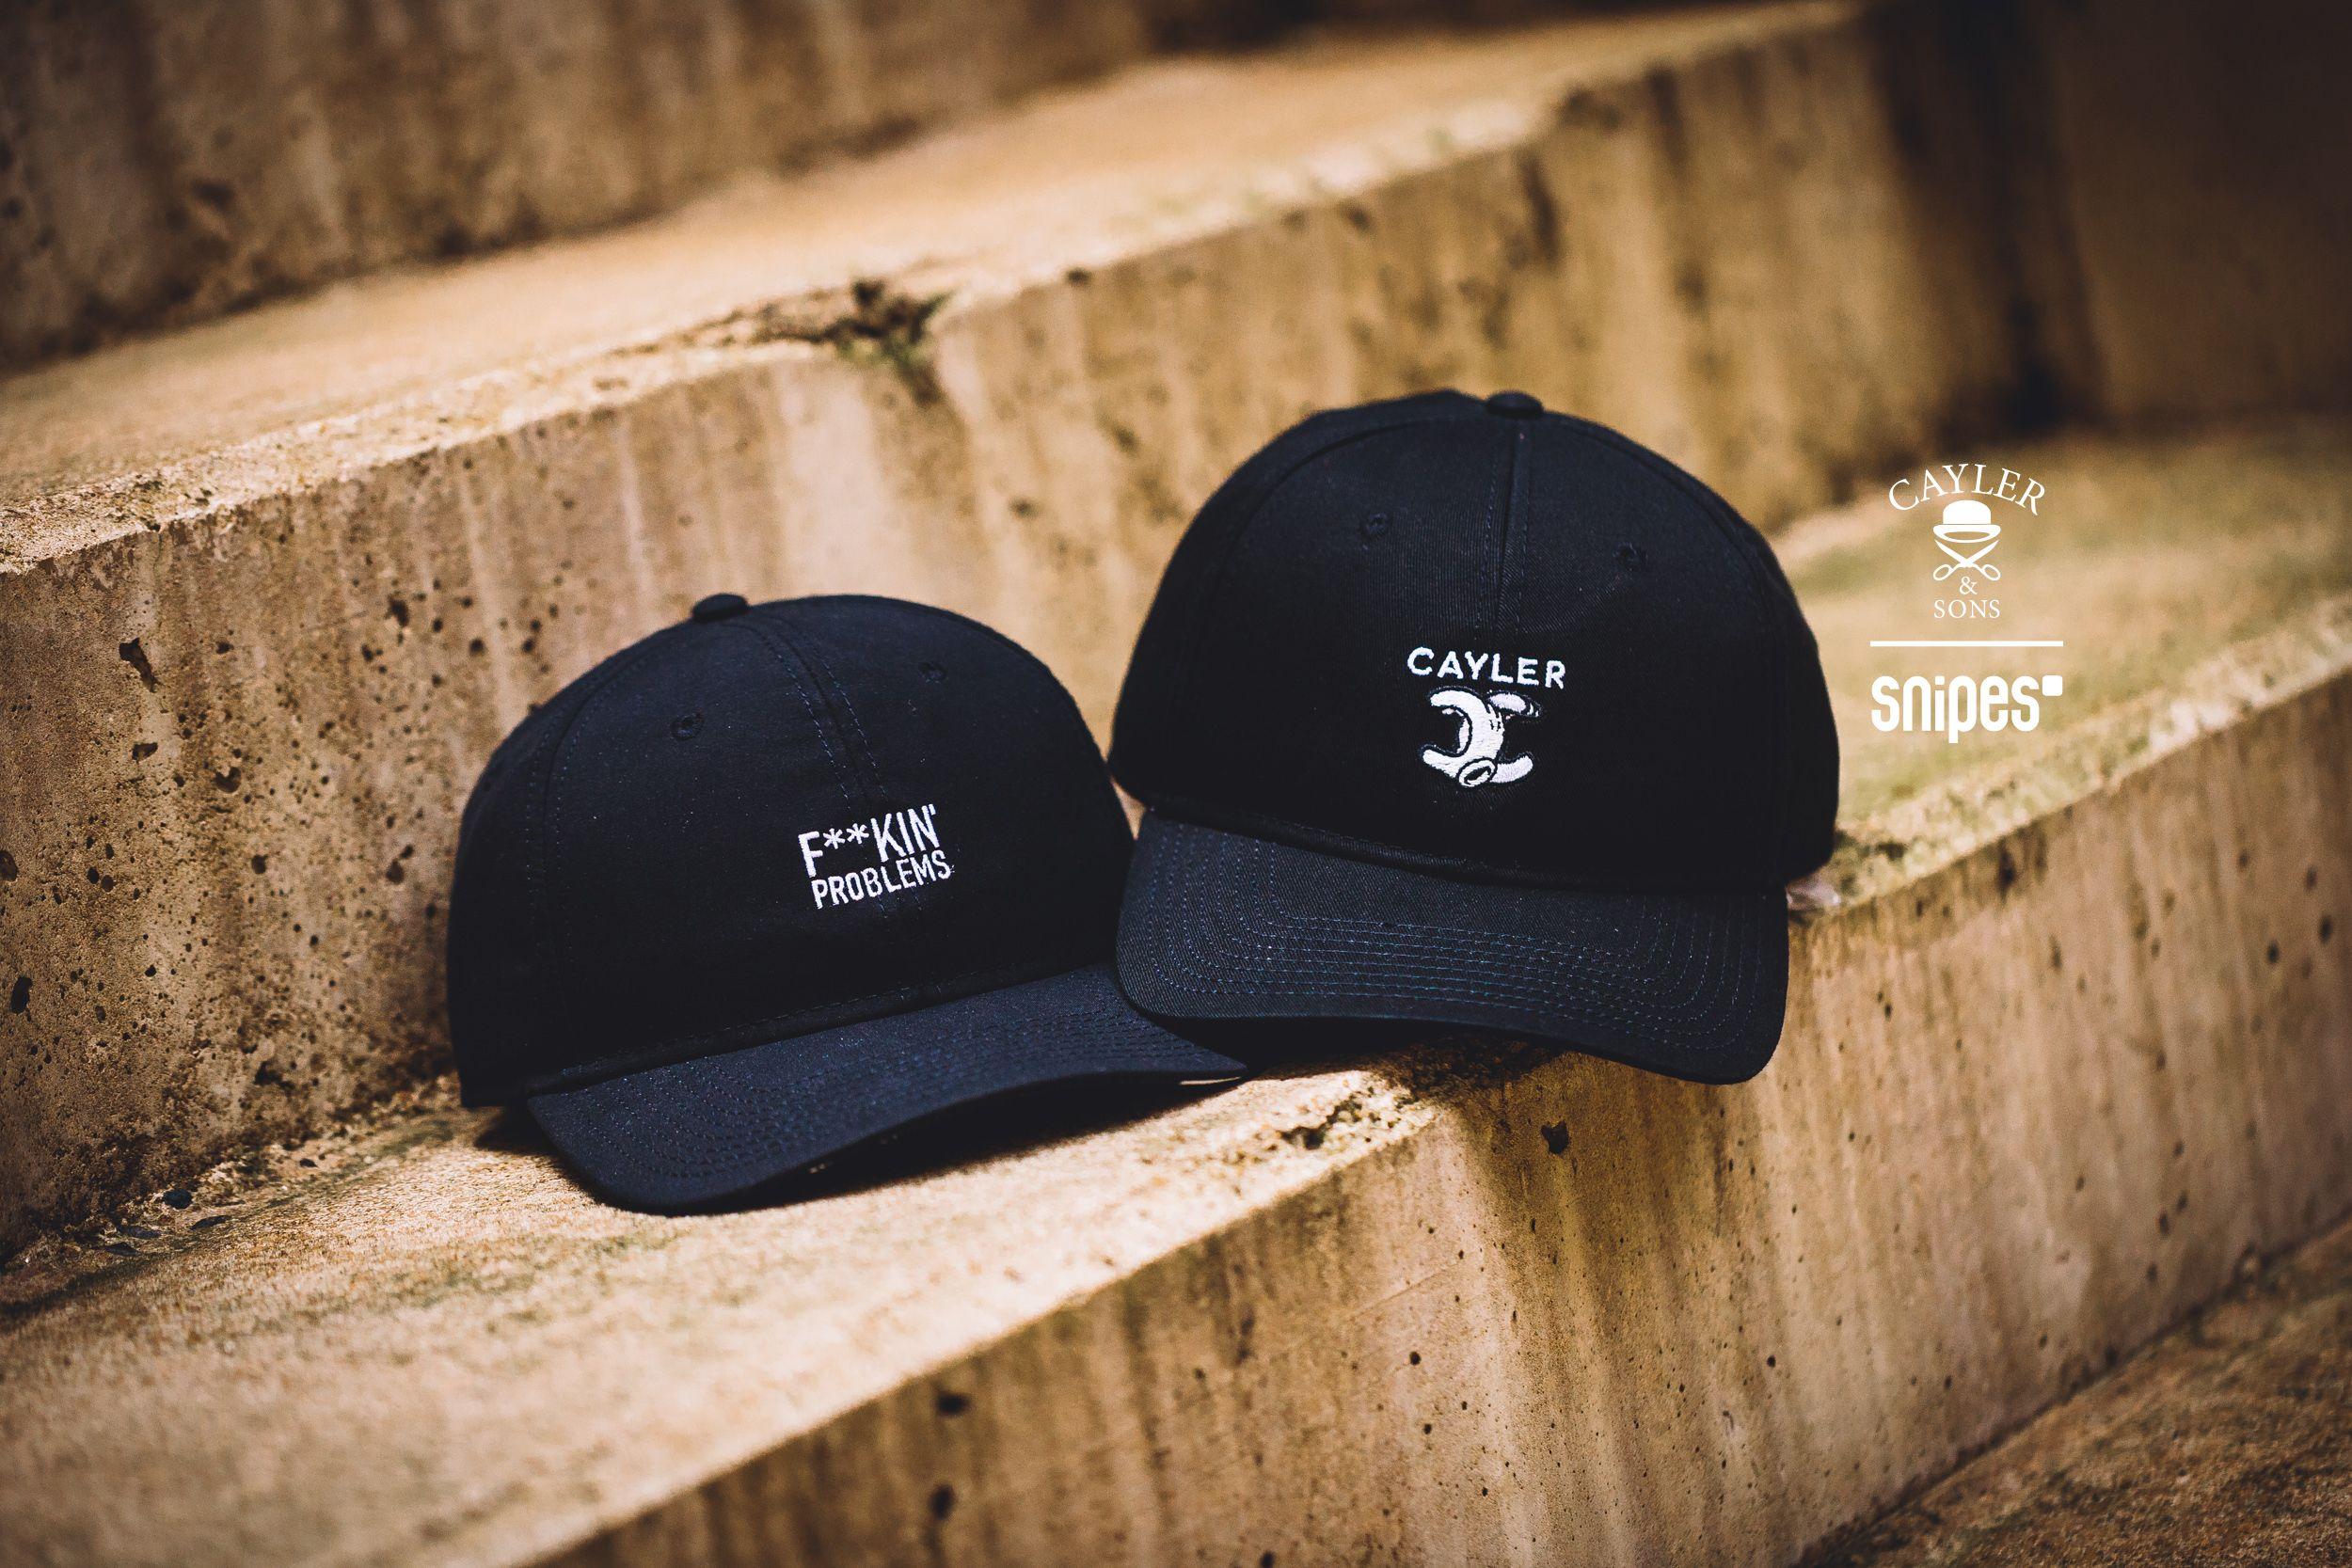 Neue Strapback-Caps von Cayler & Sons findest du bei SNIPES im Onlineshop oder in einem SNIPES Store in deiner Nähe. Artikelnr.: 7001129+7001097 Preis: 24,99 Euro#snipes #snipesknows #headwear #cayler #caylerandsons #strapback